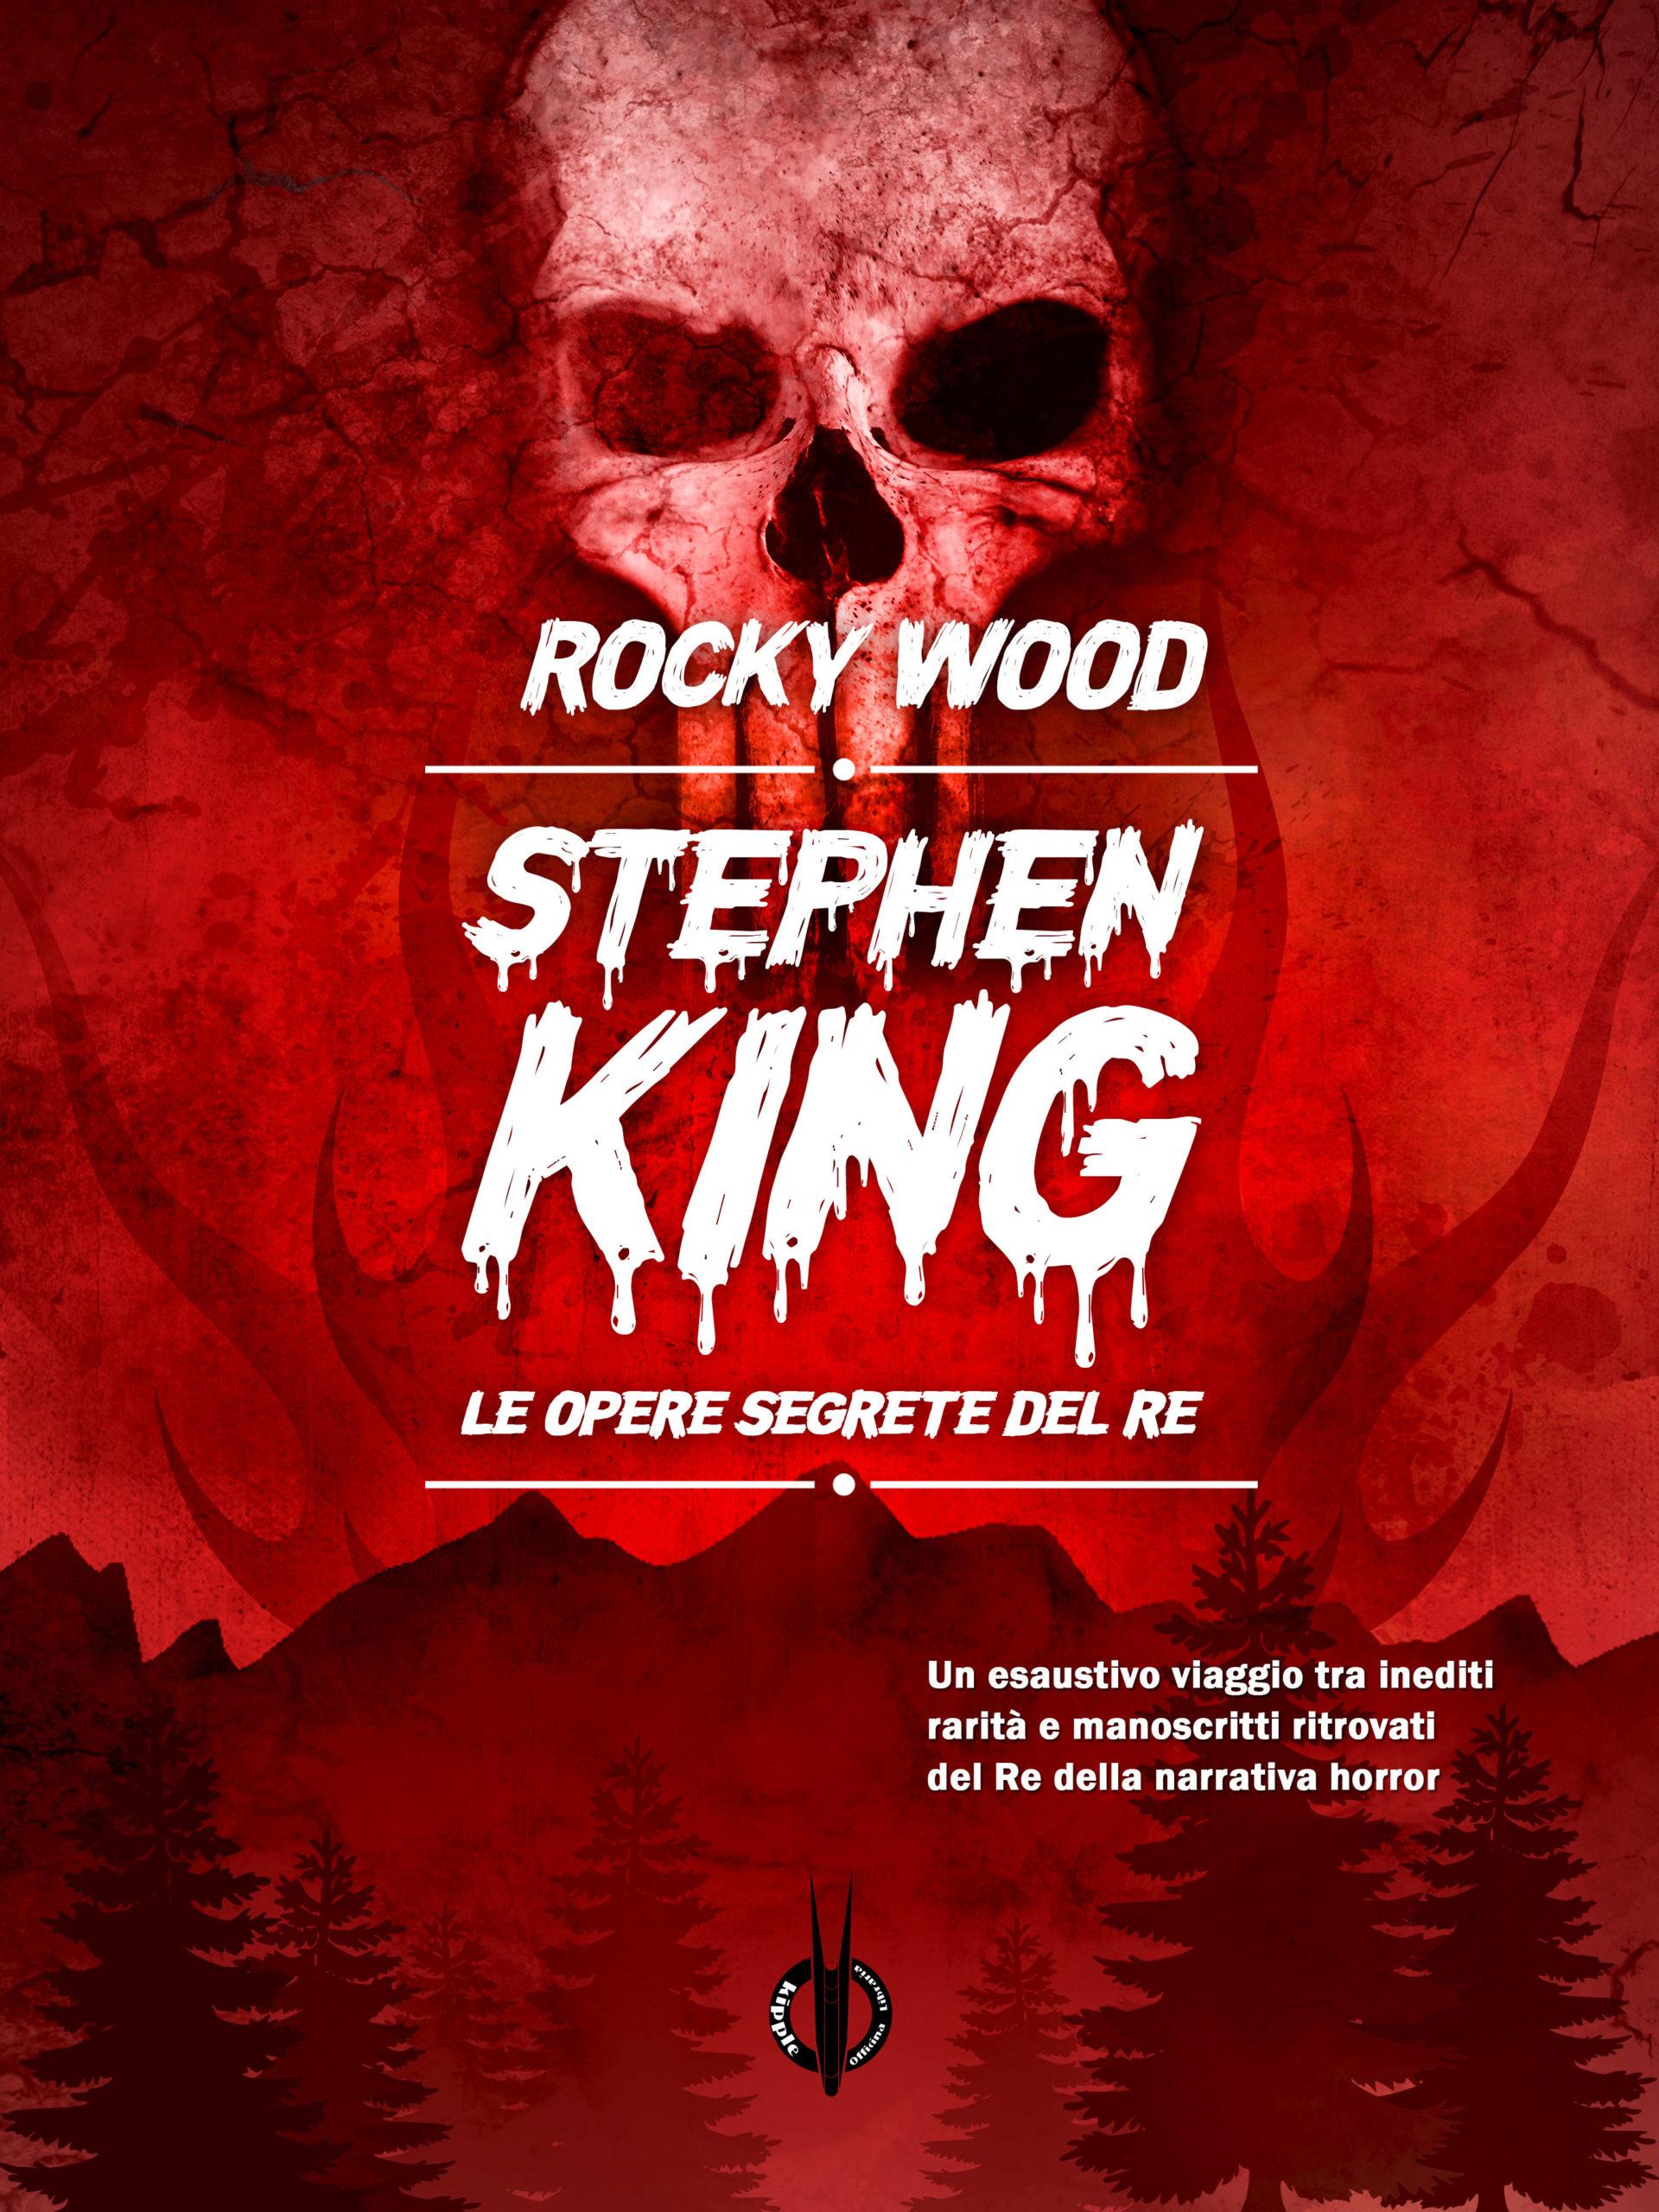 Stephen King. Le opere segrete del re di Rocky Wood